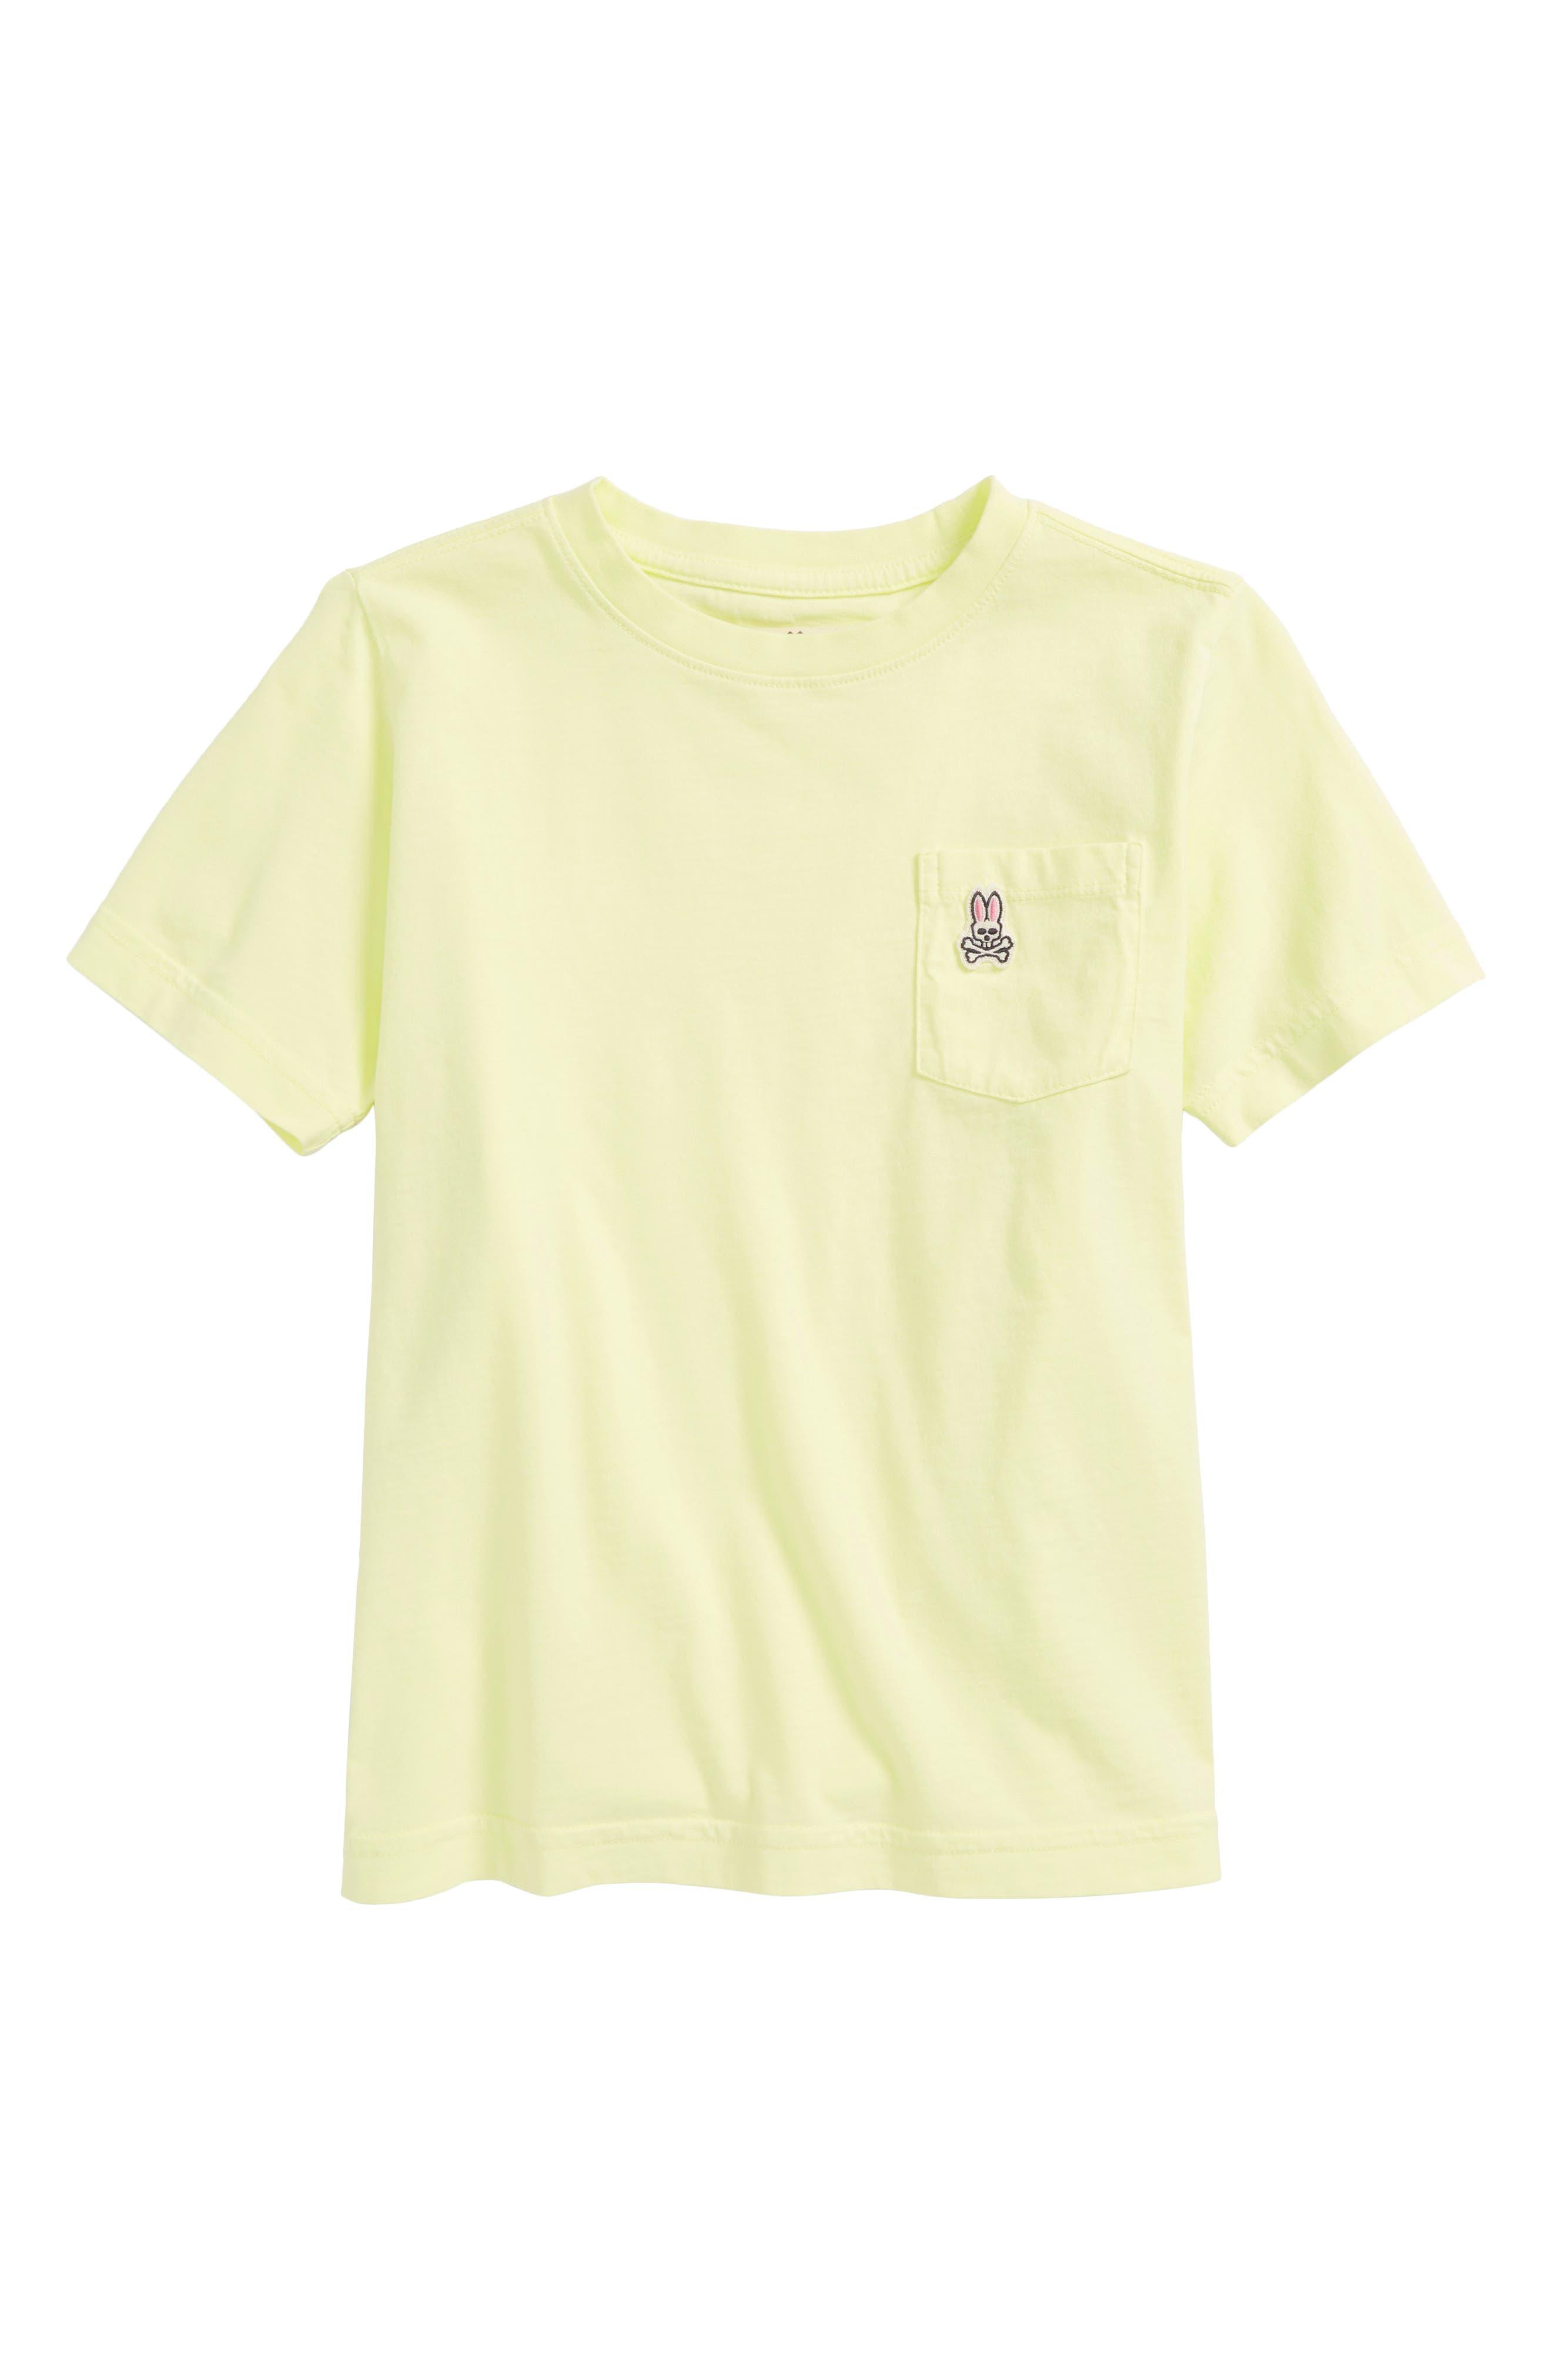 PSYCHO BUNNY,                             Langford Pocket T-Shirt,                             Main thumbnail 1, color,                             320